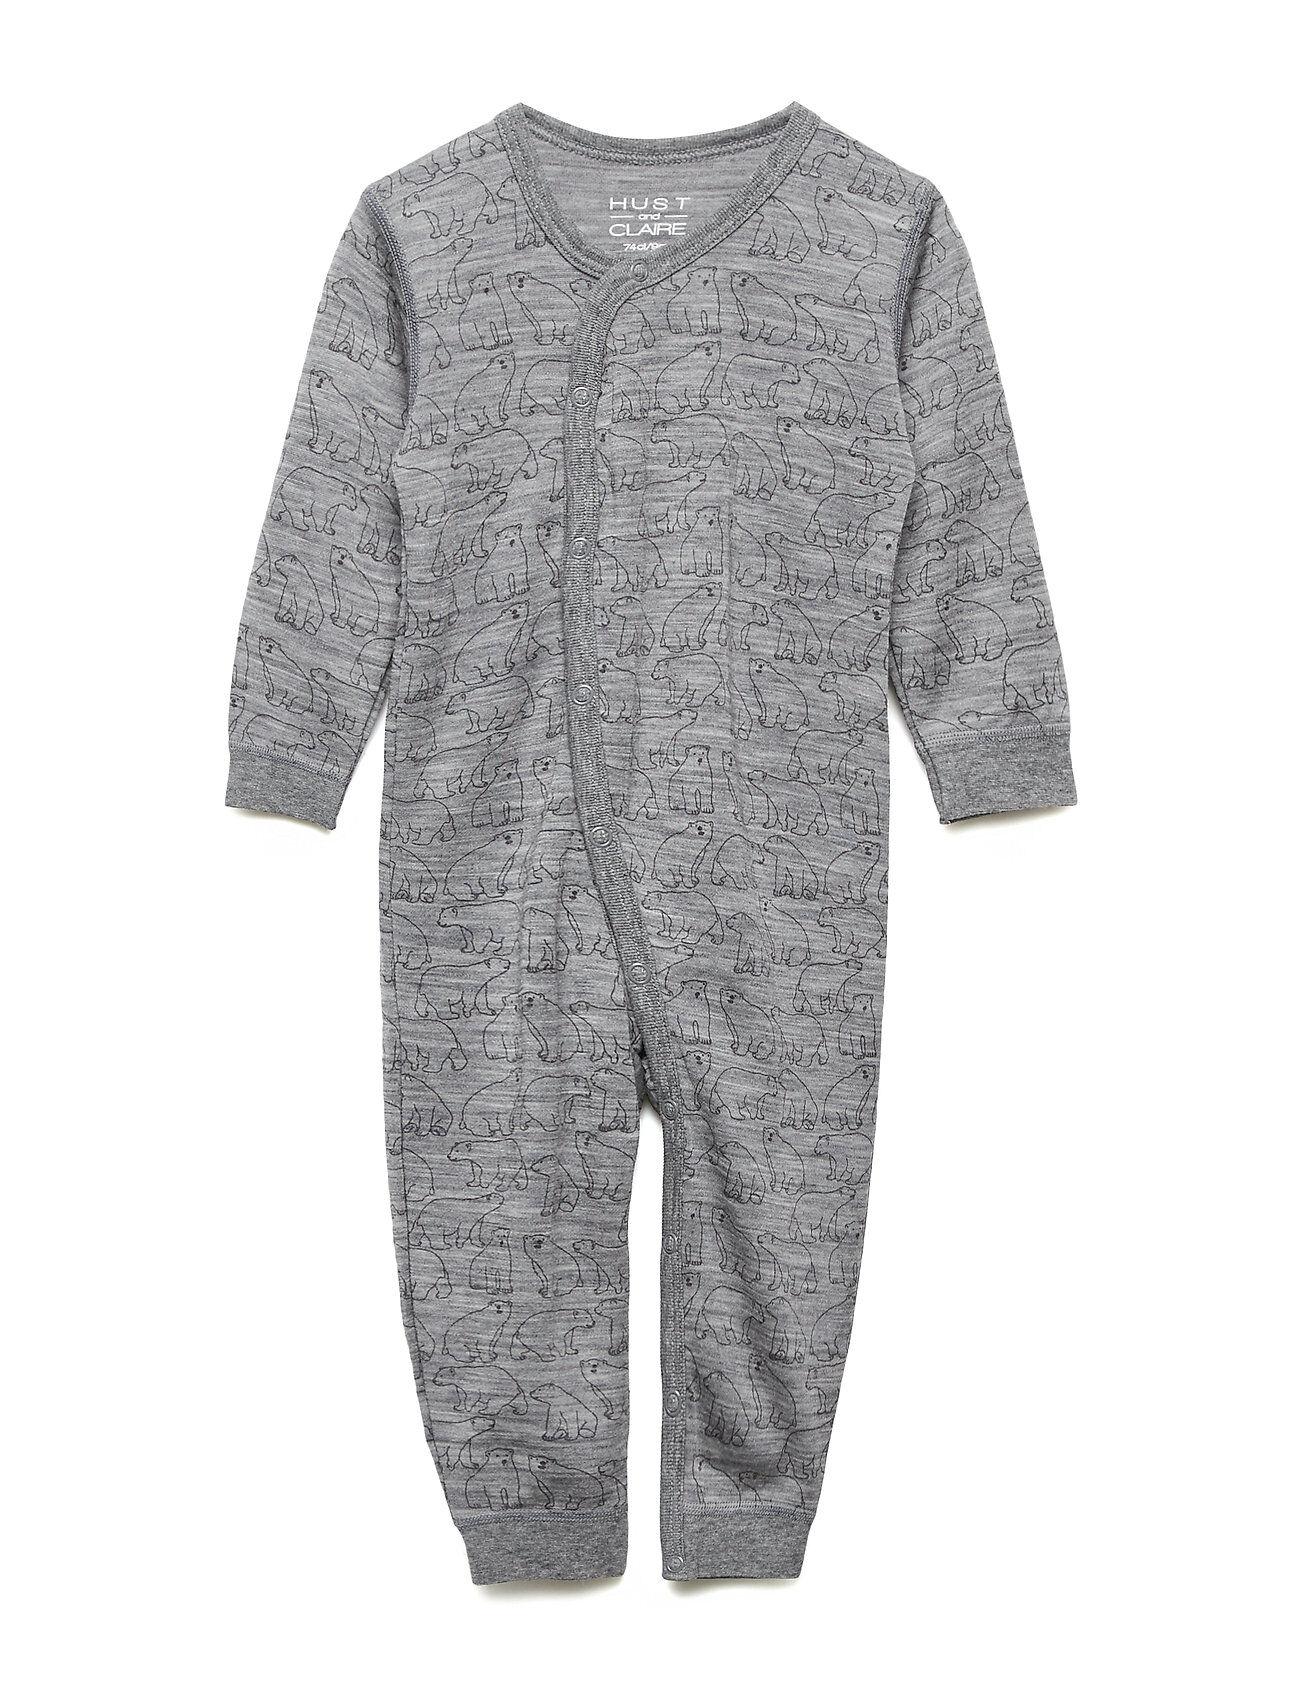 Hust & Claire Milo - Nightwear